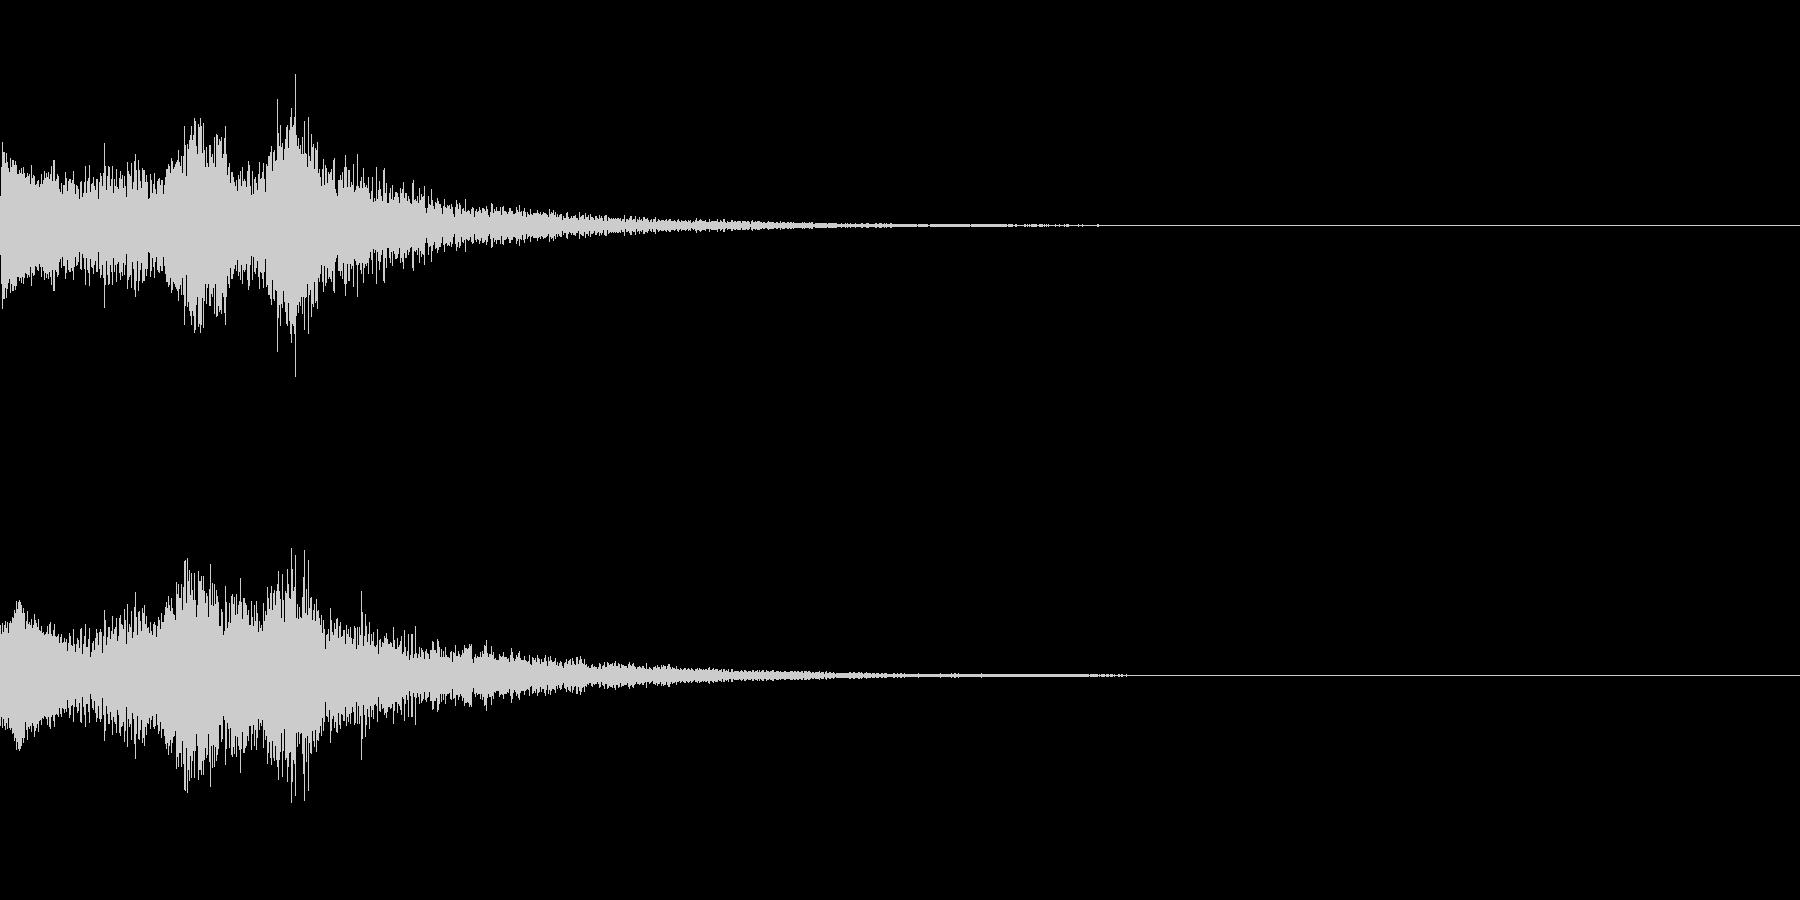 システム起動音_その3の未再生の波形